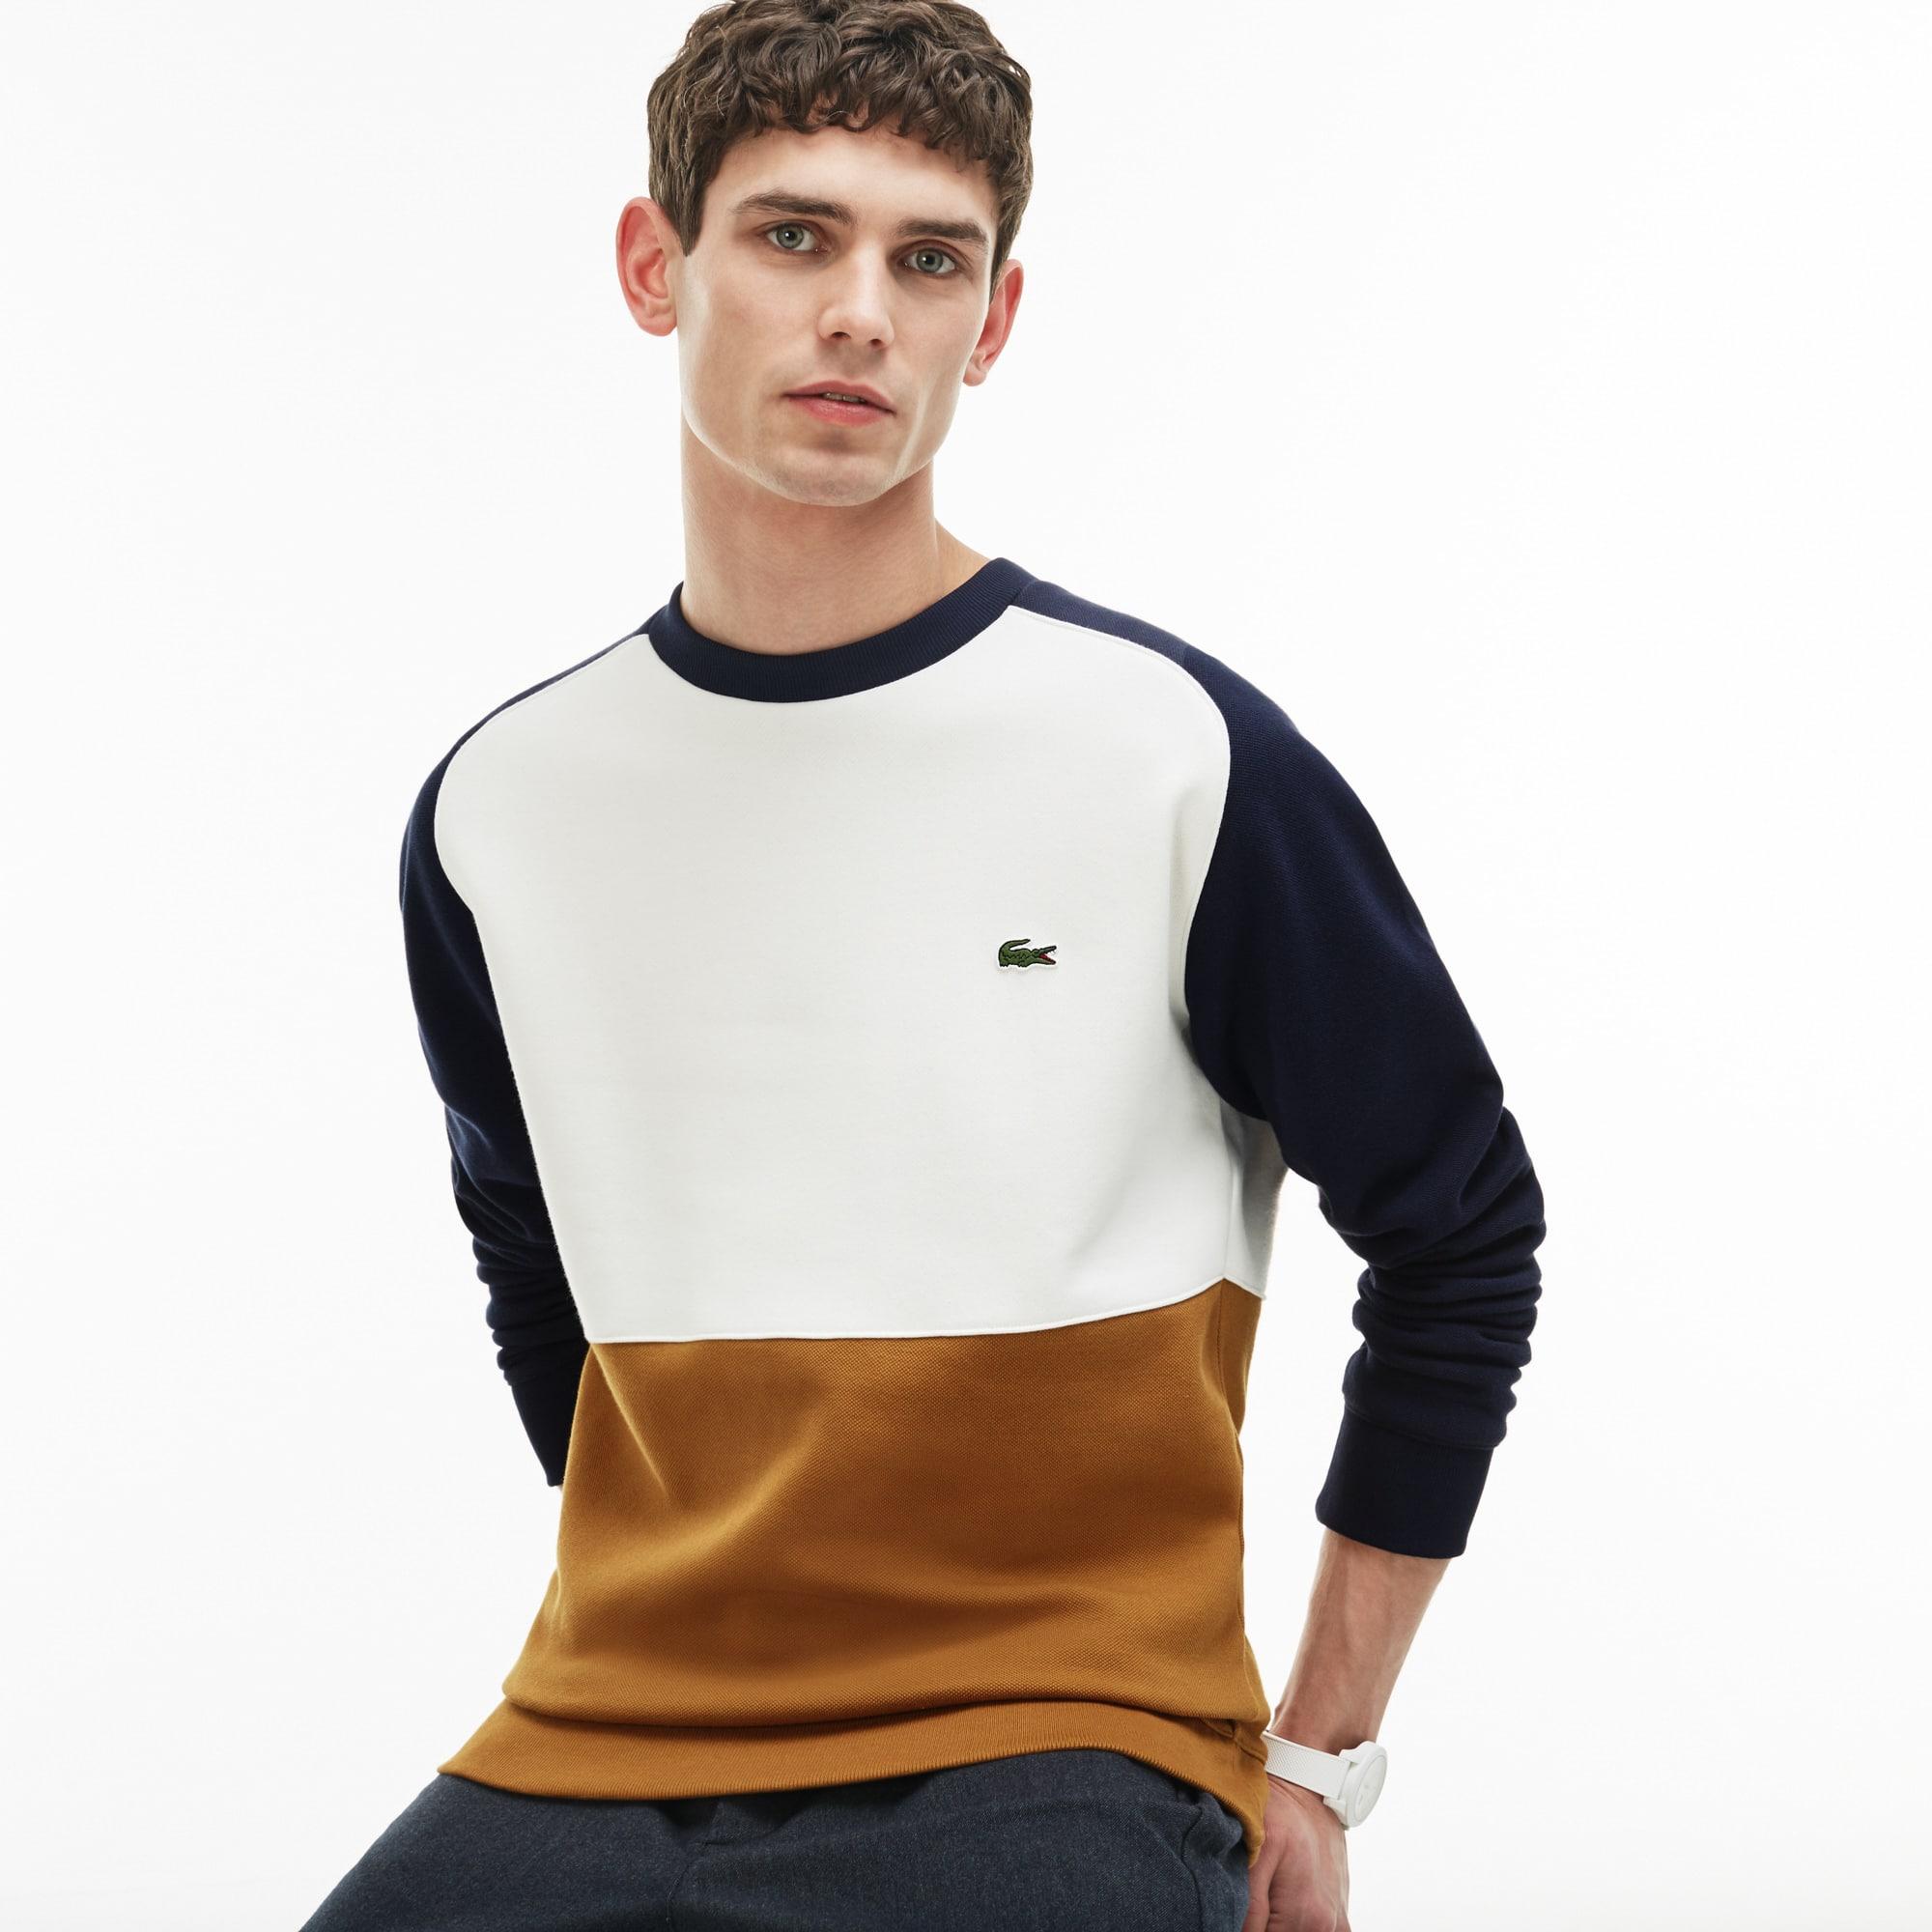 قميص ثقيل من صوف قطني مُحاك بأسلوب بيكيه ذو خطوط بألوان متباينة للرجال